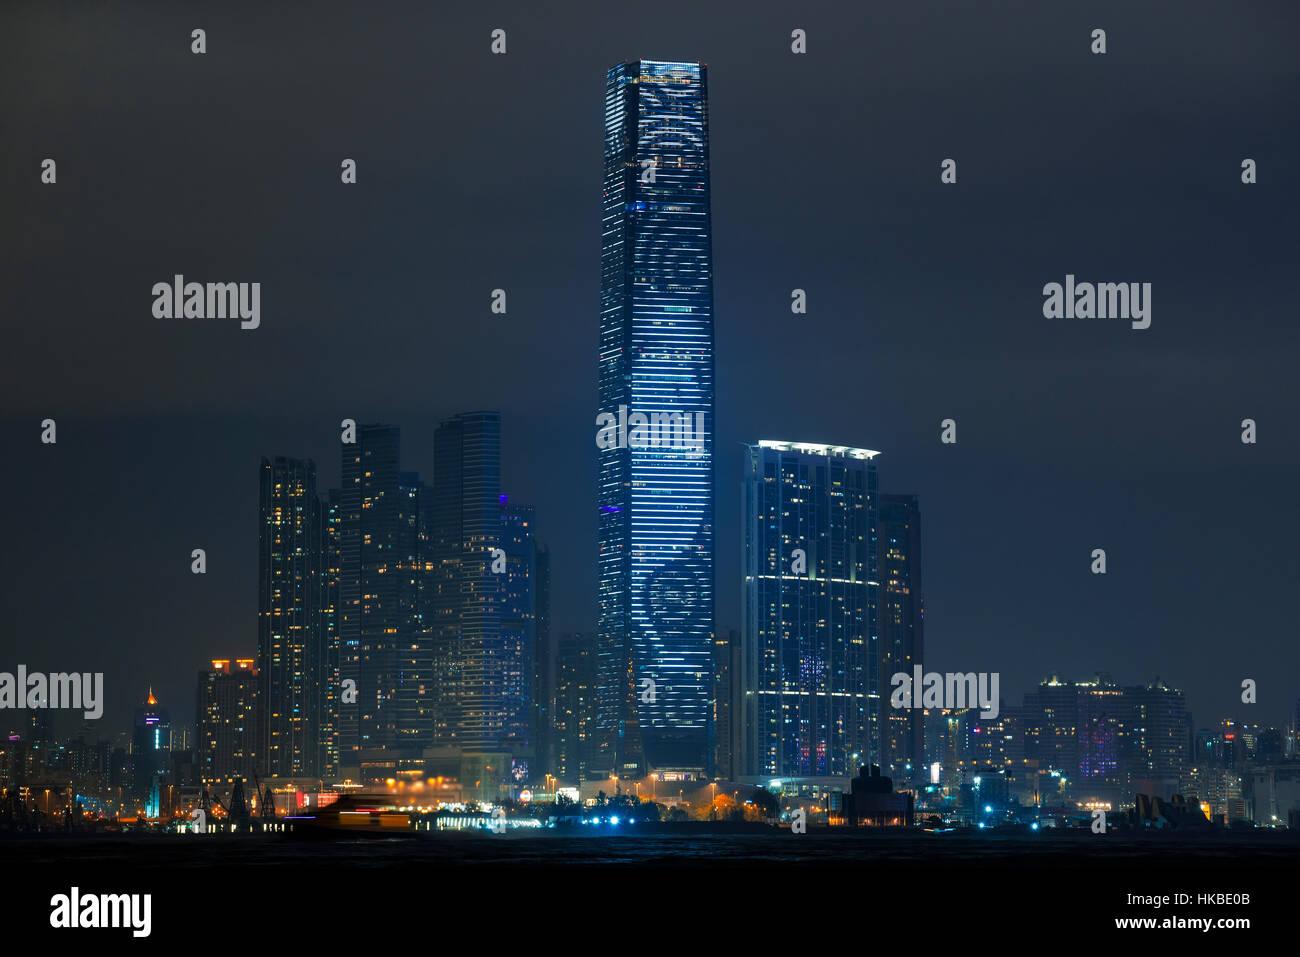 Hong Kong, China. 28 ene, 2017. El día del año nuevo chino, el Centro de Comercio Internacional CCI iluminación Imagen De Stock